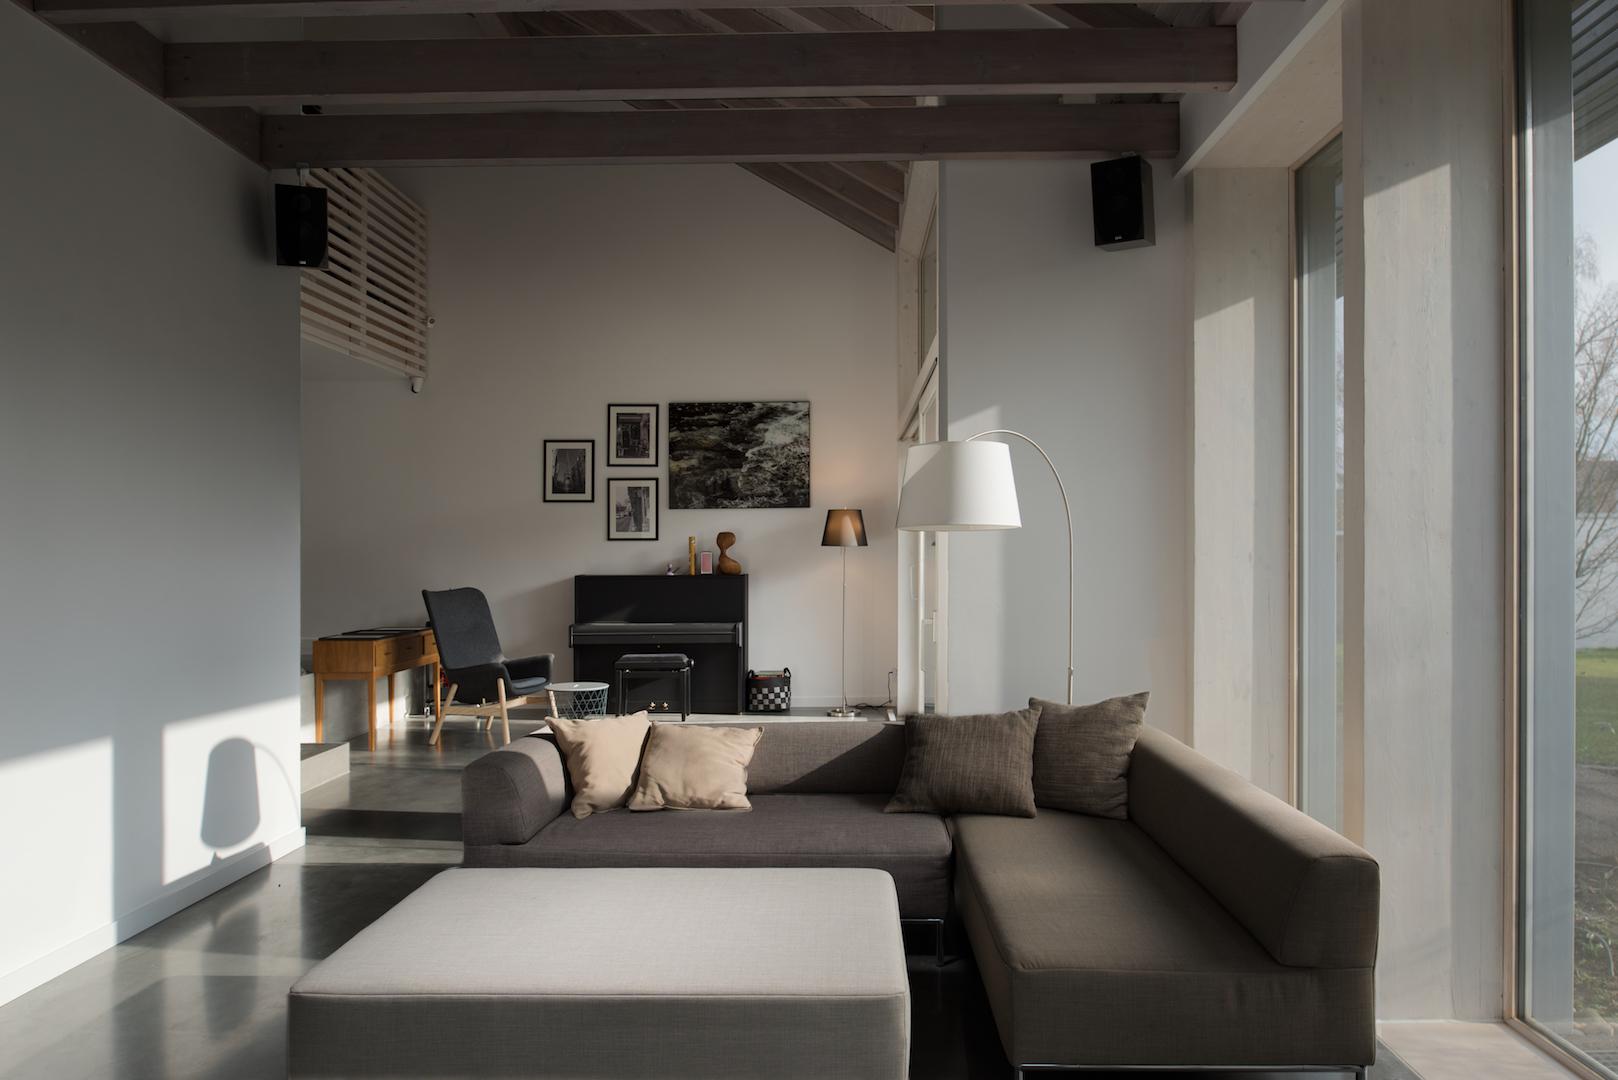 Immobilienfotografen-Berlin-Interior-Architekturfotograf-Berlin-Wohnzimmer